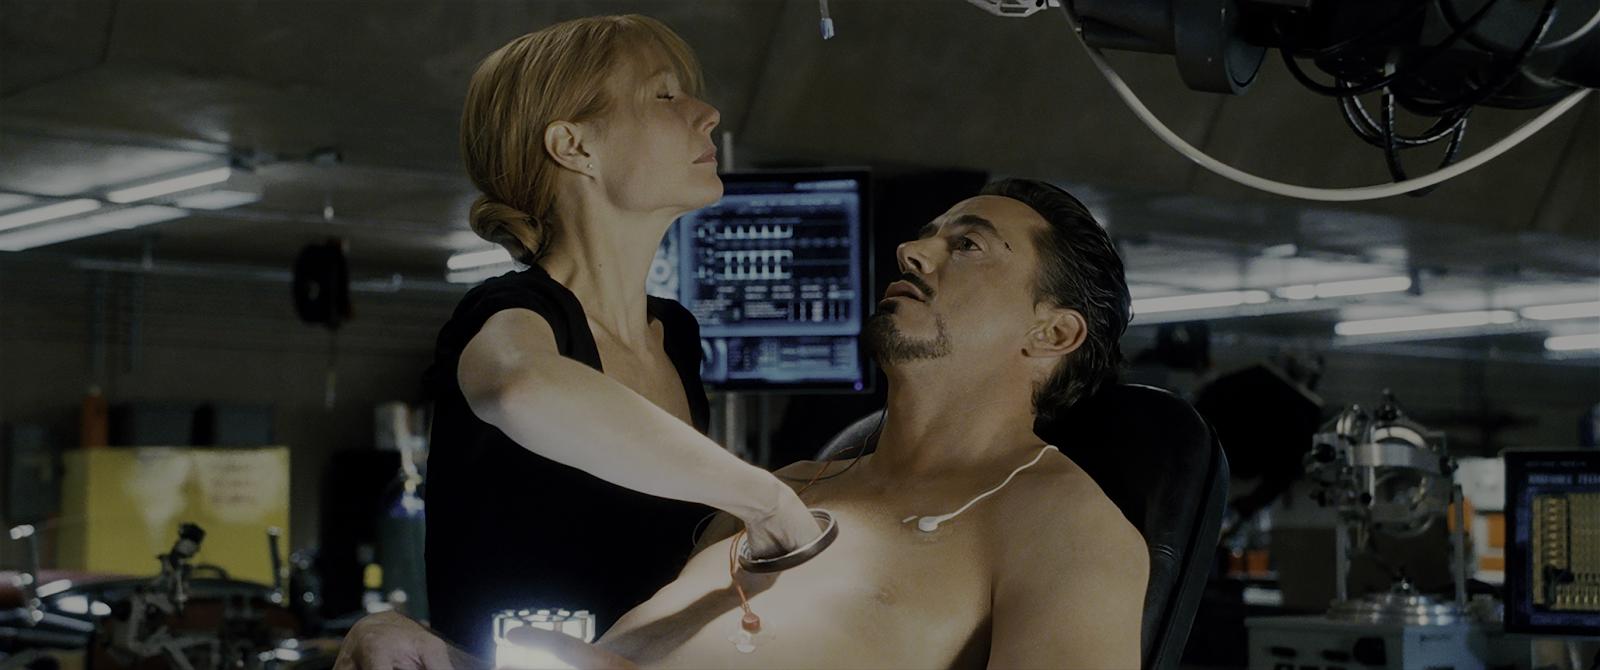 Iron Man: el Hombre de Hierro (2008) 4K UHD [HDR] Latino-Castellano-Ingles captura 3